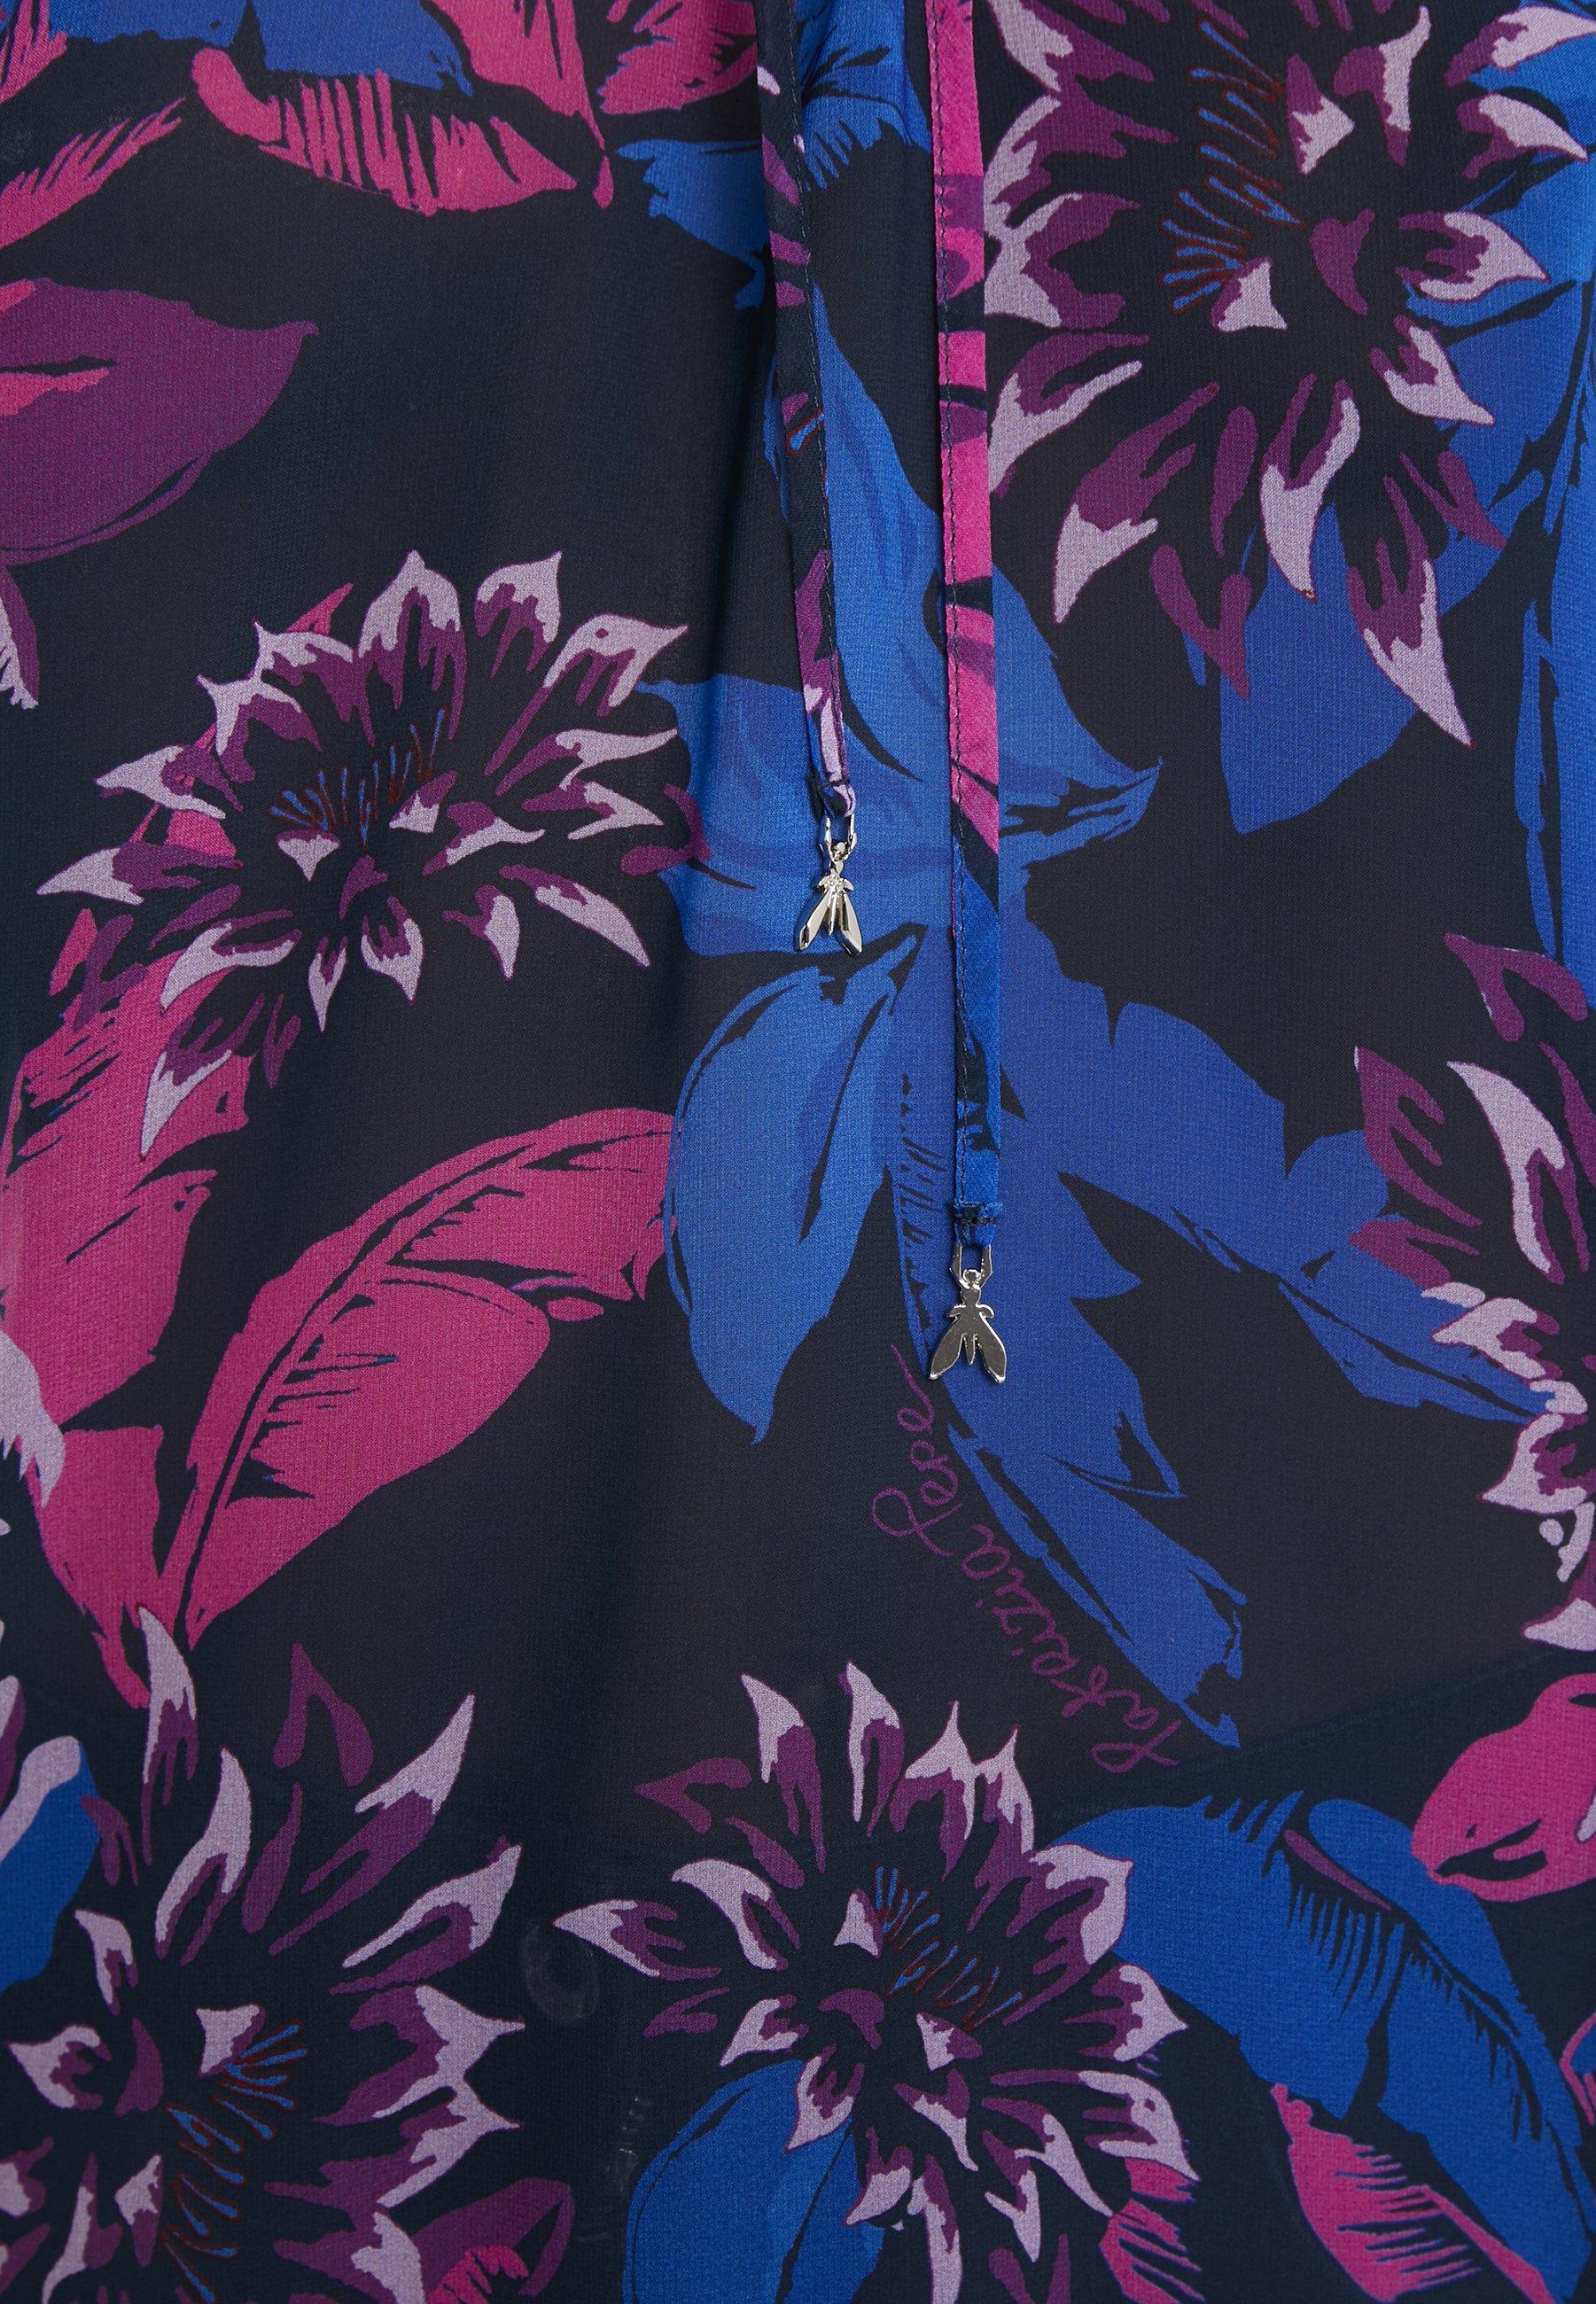 Camicia Tropic Pepe blouseCamicetta Flower Patrizia kZOPiuX